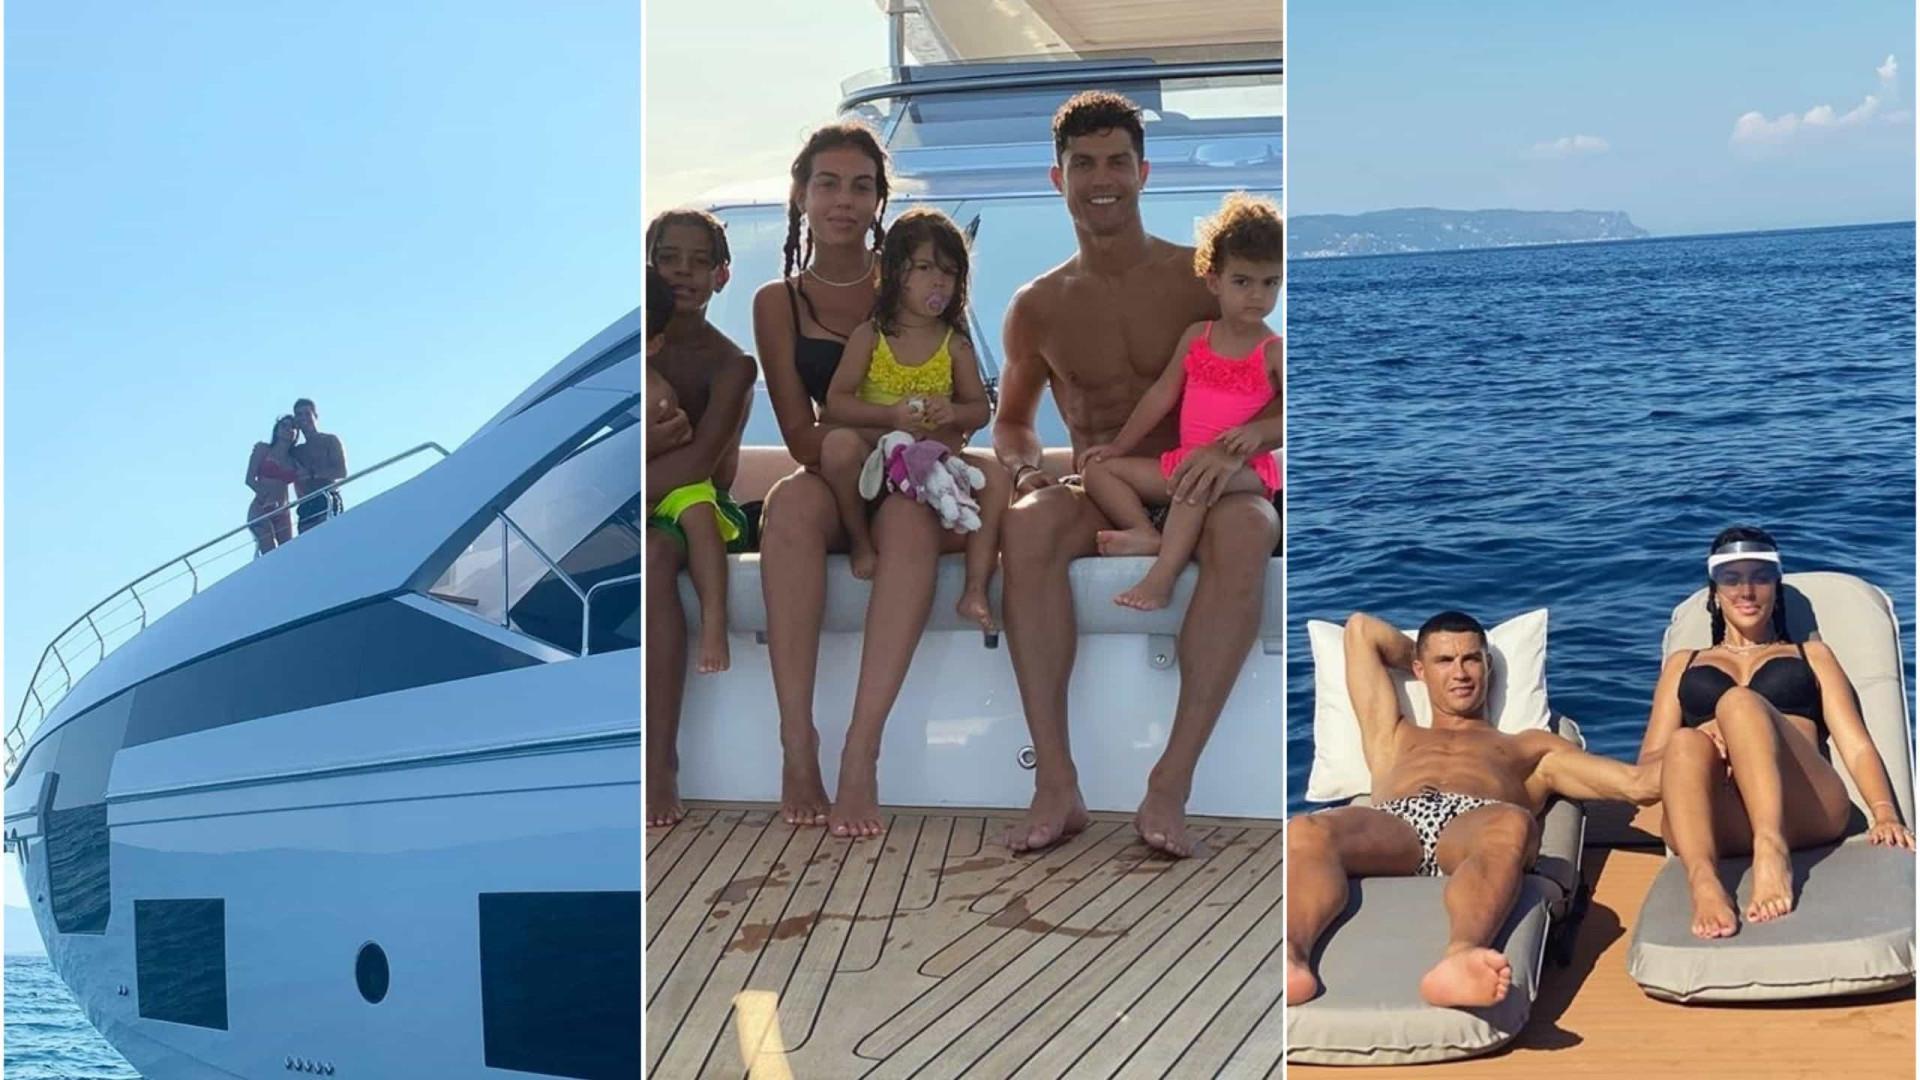 Álbum de família. As fotos do verão de Ronaldo e Georgina no iate de luxo